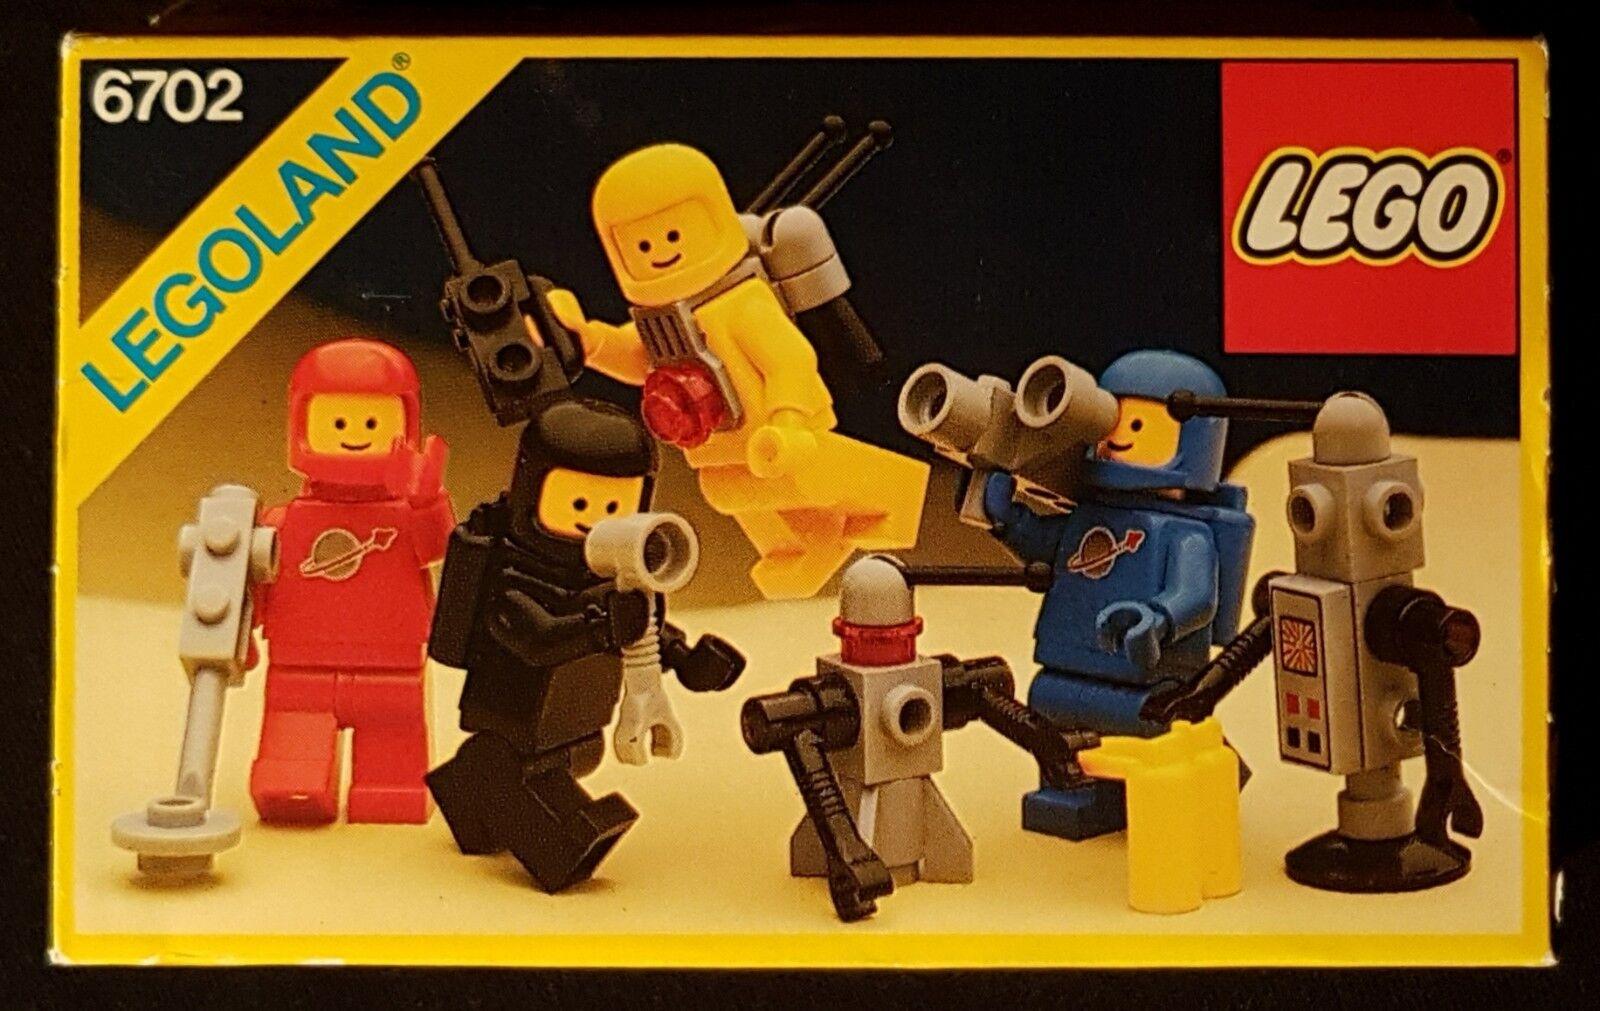 LEGO 6702-CLASSIC SPACE MINIFIGURES - 1986 Legoland minifigs, 80s VINTAGE MISB